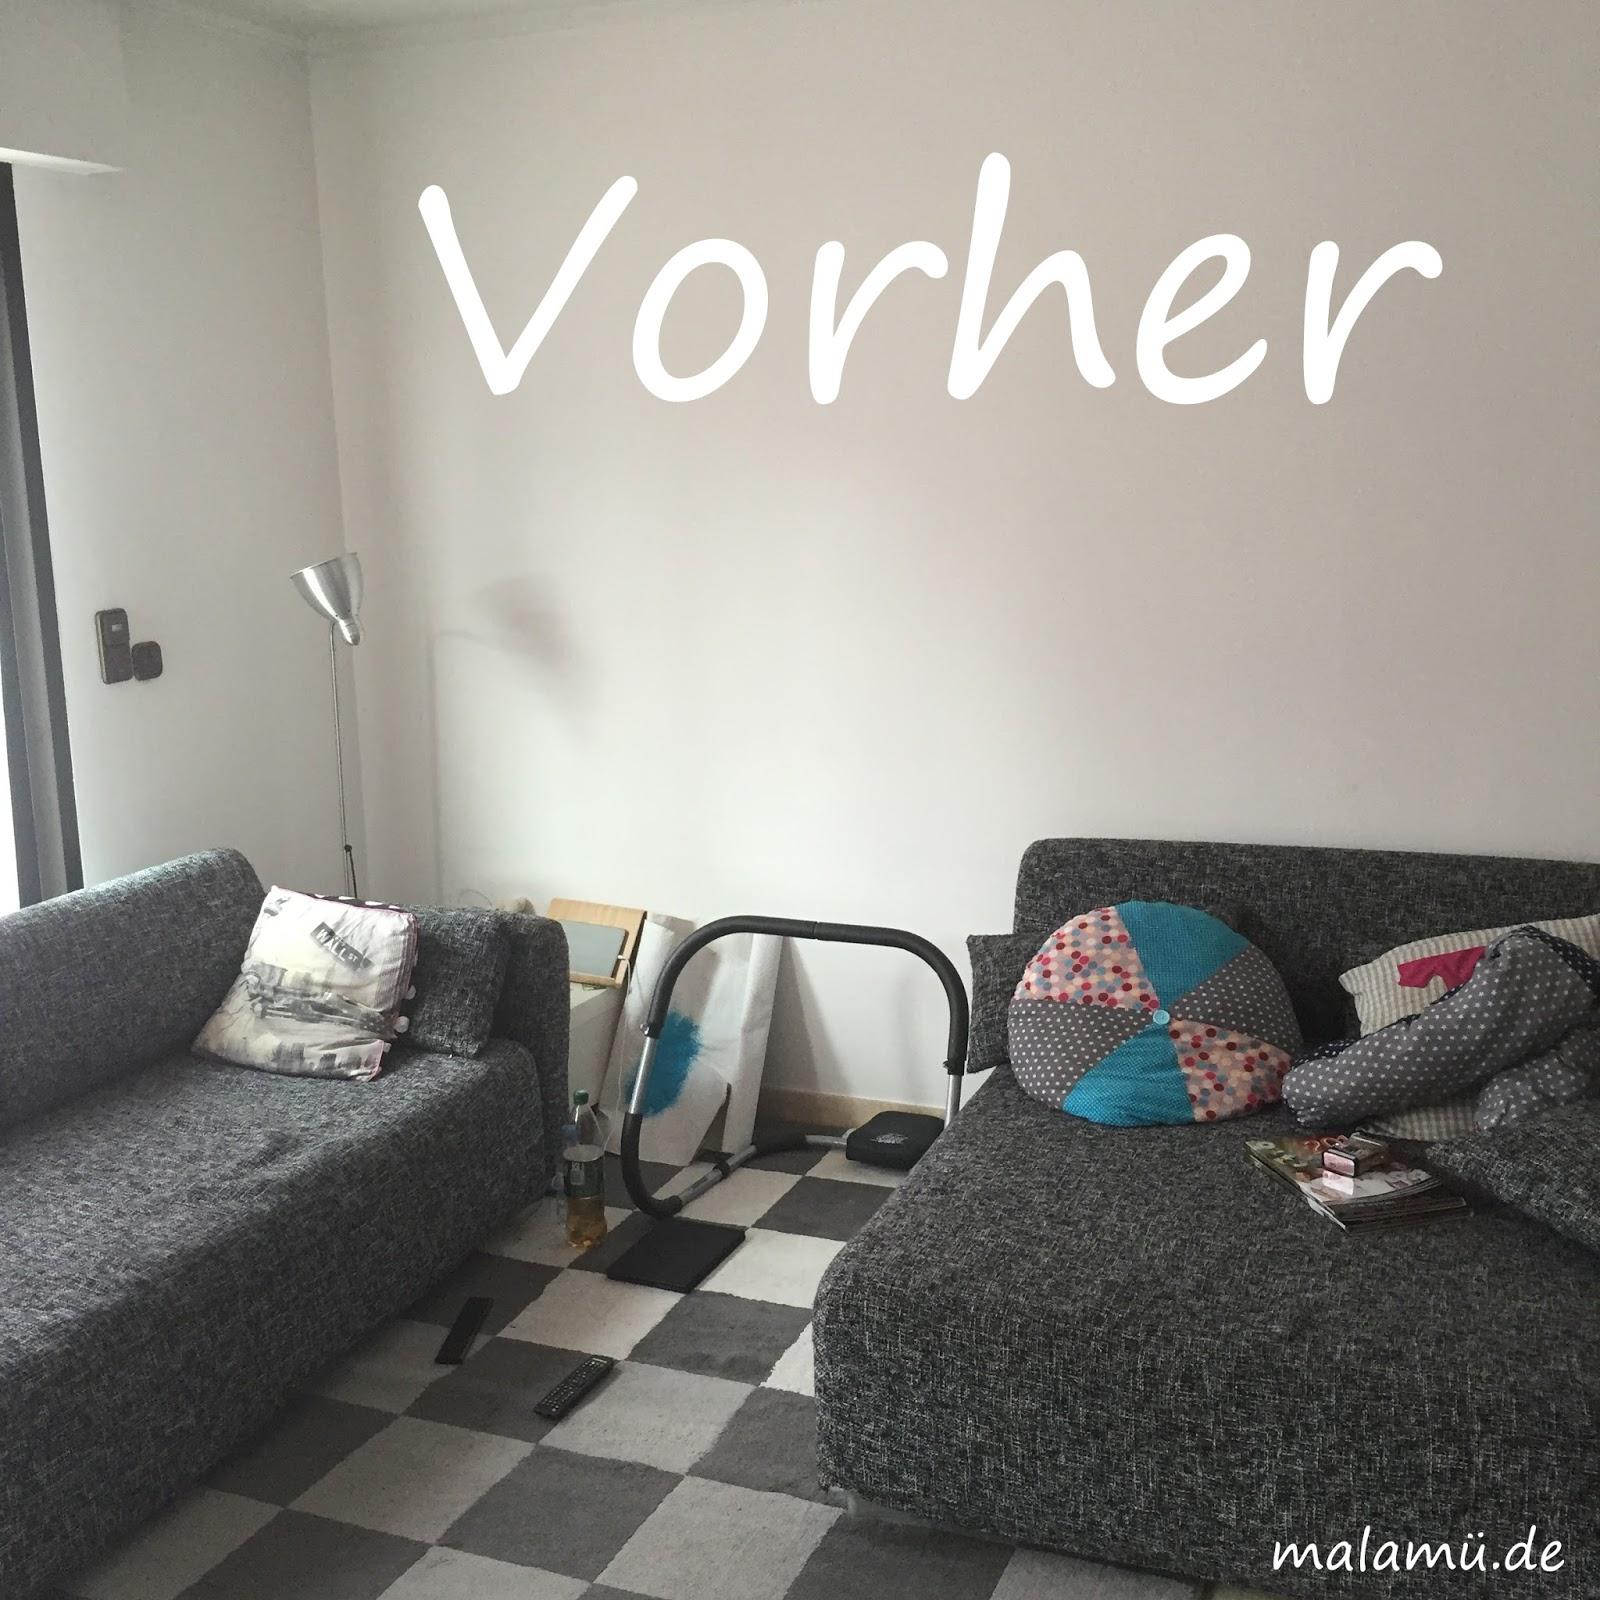 einfach sch ne sachen by malam pimp my wohnzimmer oder neue kissenh llen rums. Black Bedroom Furniture Sets. Home Design Ideas